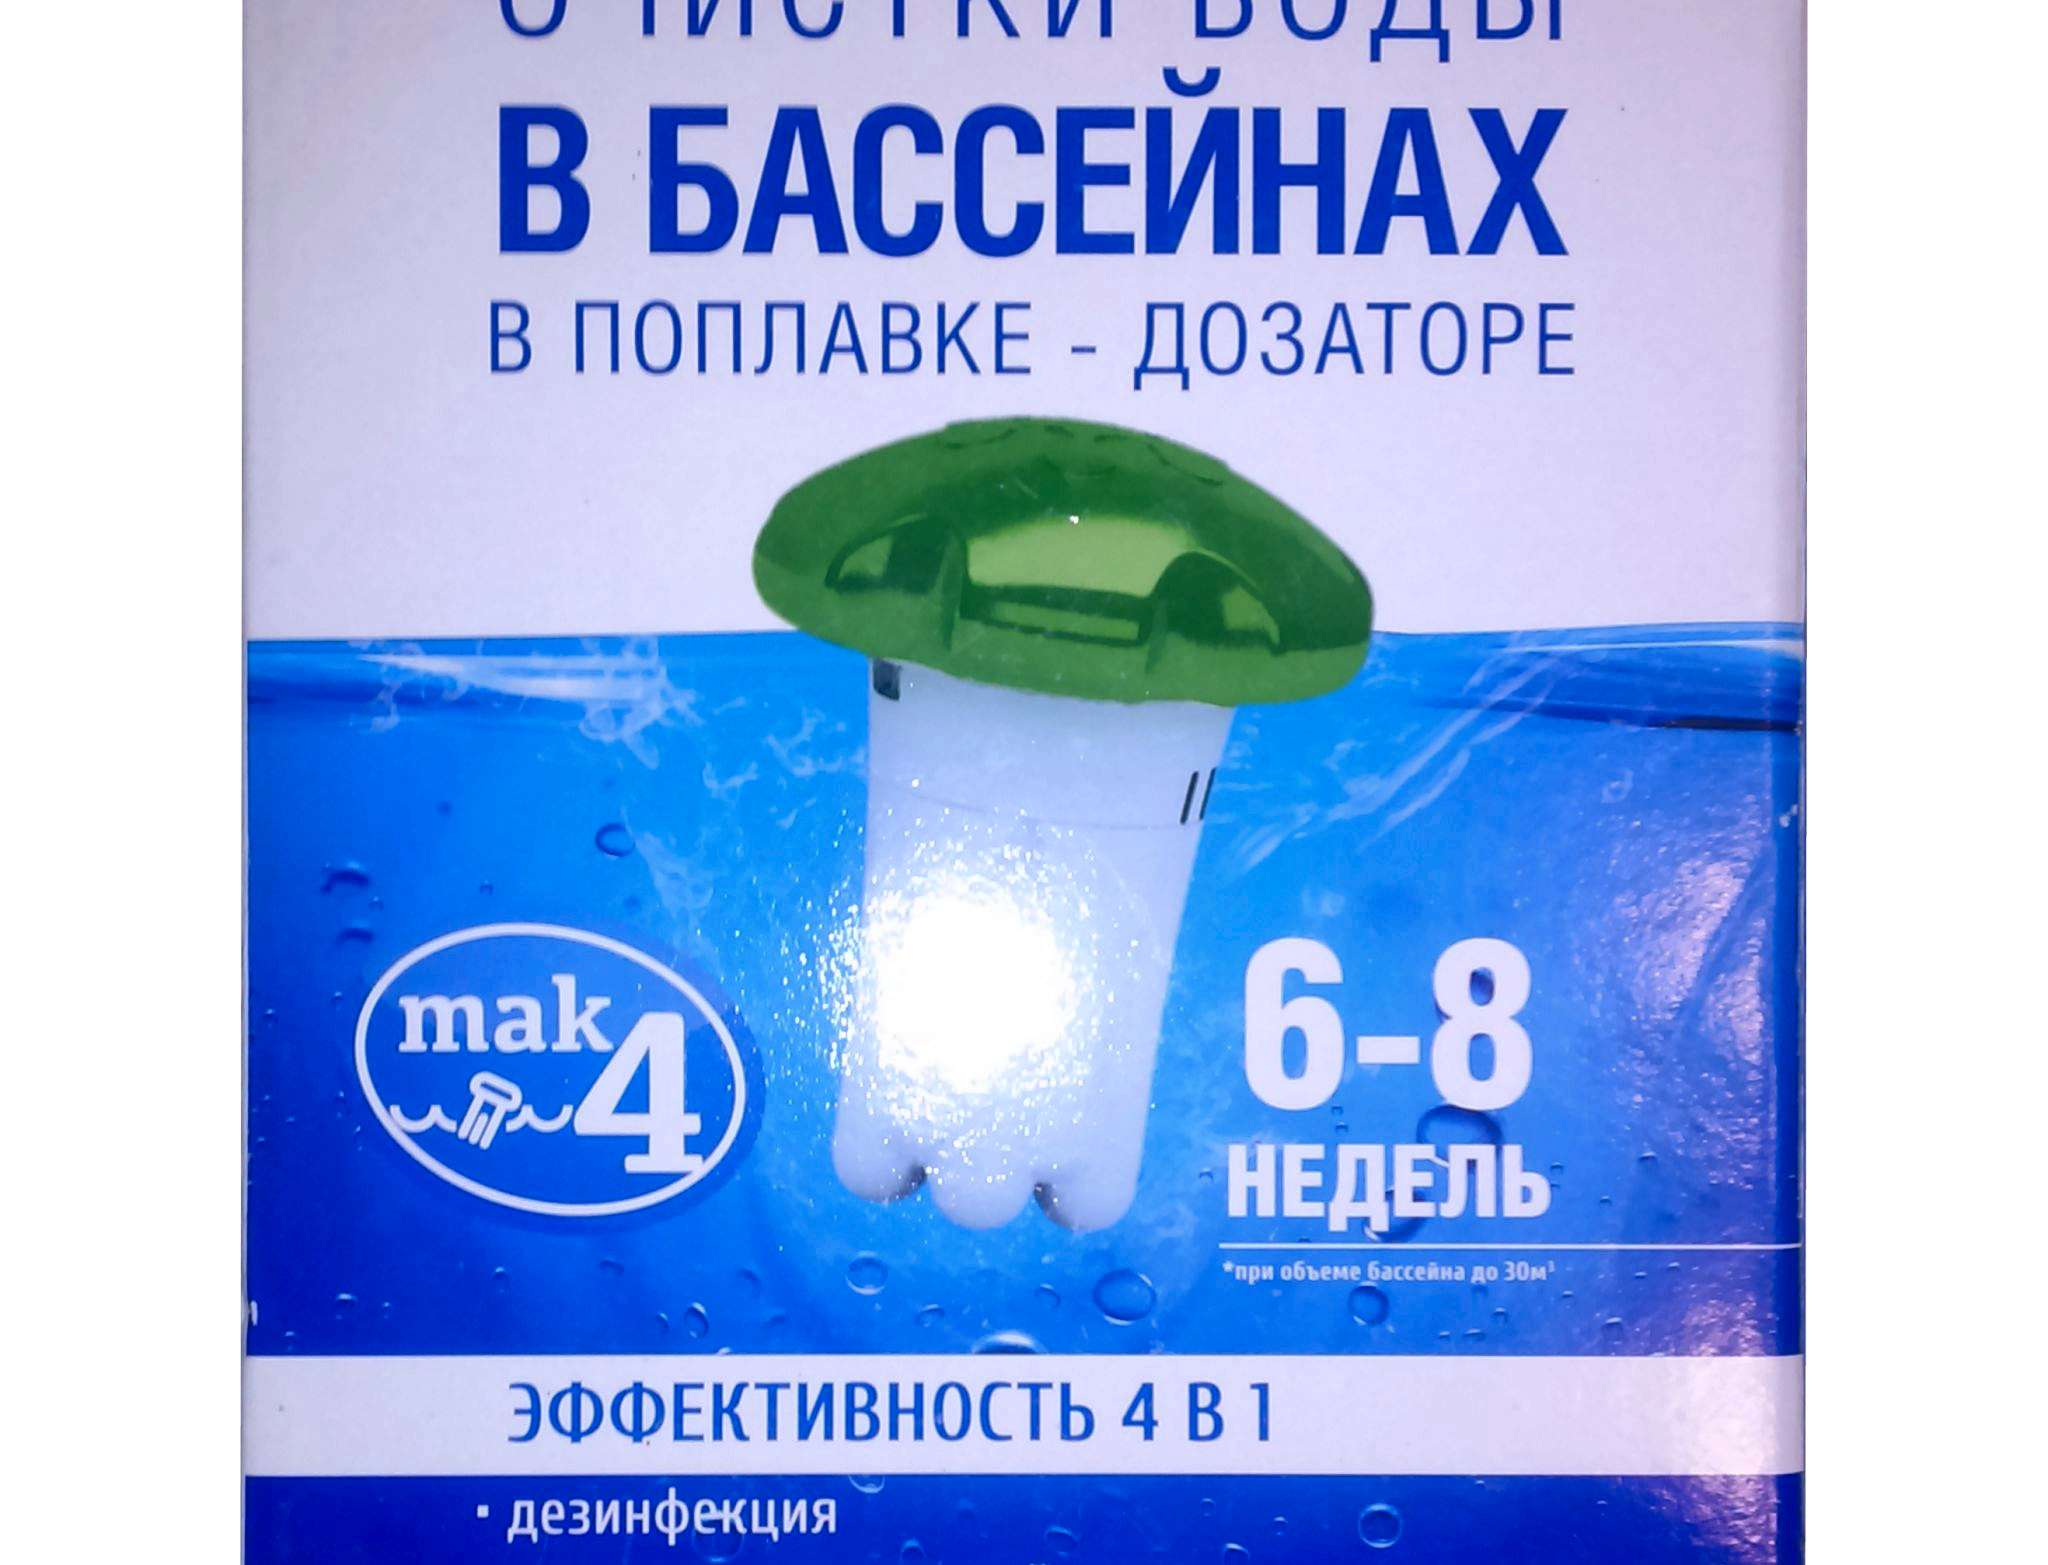 комплексный препарат от паразитов для человека